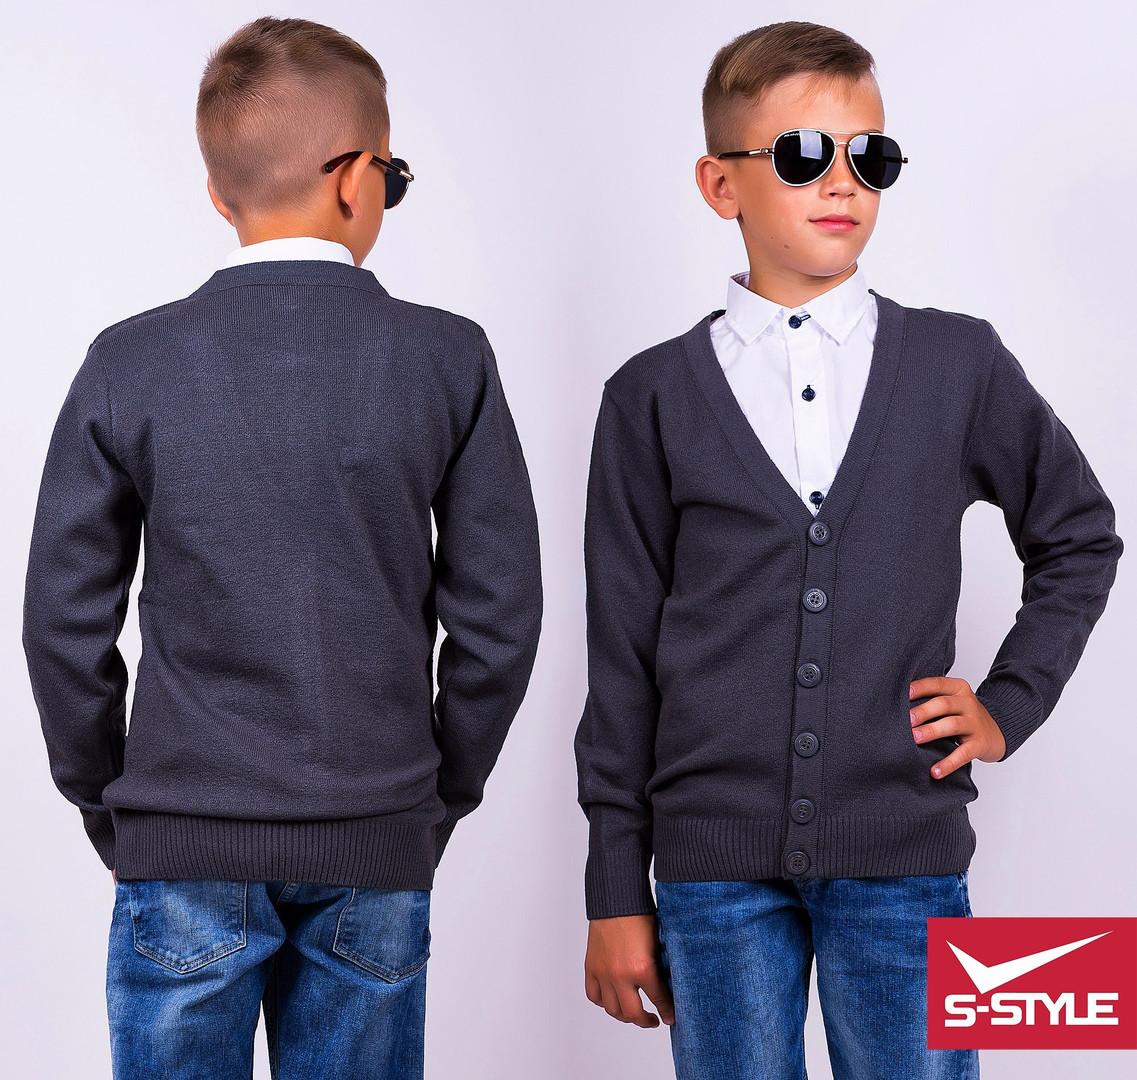 Кофта для мальчика школьная Размеры: S(7 лет), M(8-9 лет), L(10-11 лет), XL(12 лет) серая и синяя